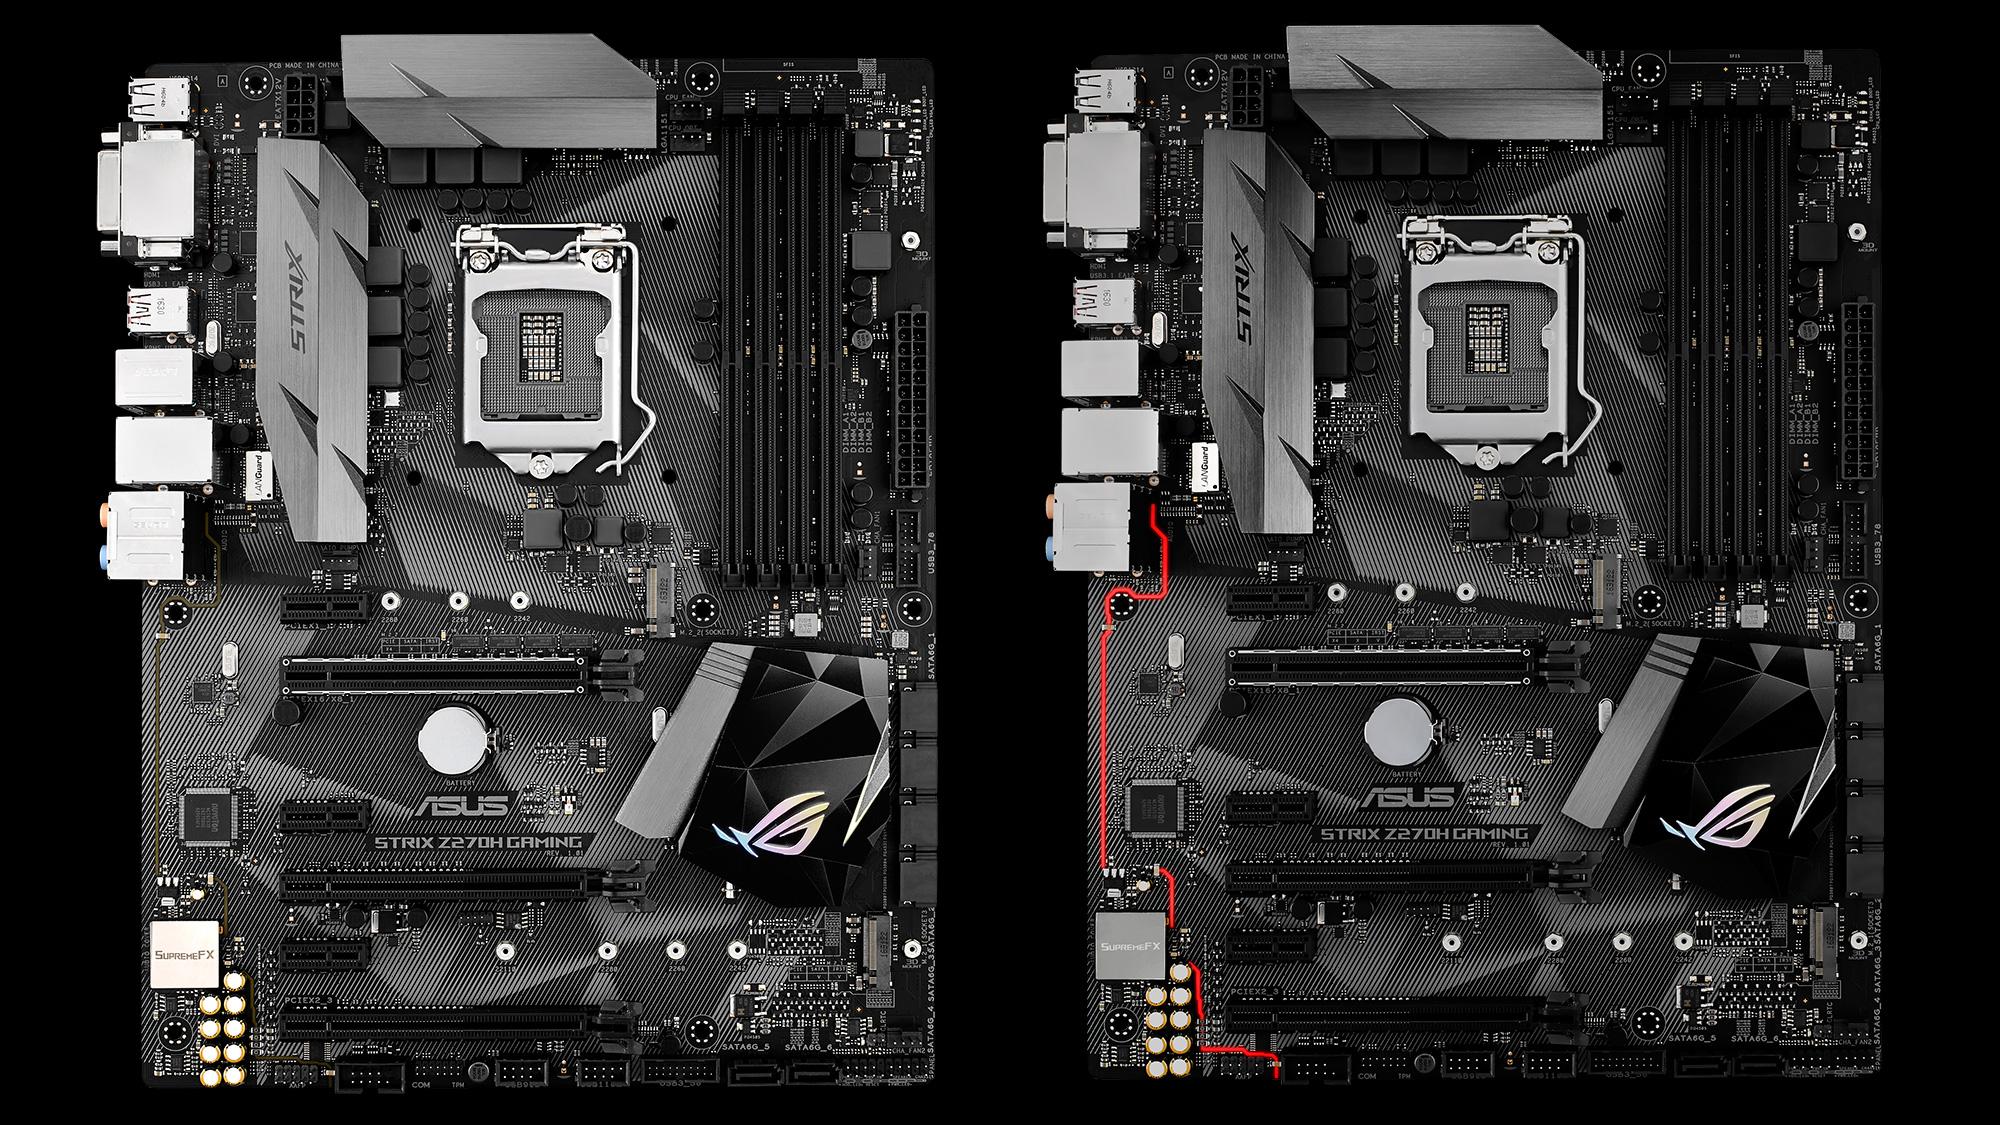 ROG Strix Z270H Gaming Estas son las nuevas motherboards Z270 de ASUS